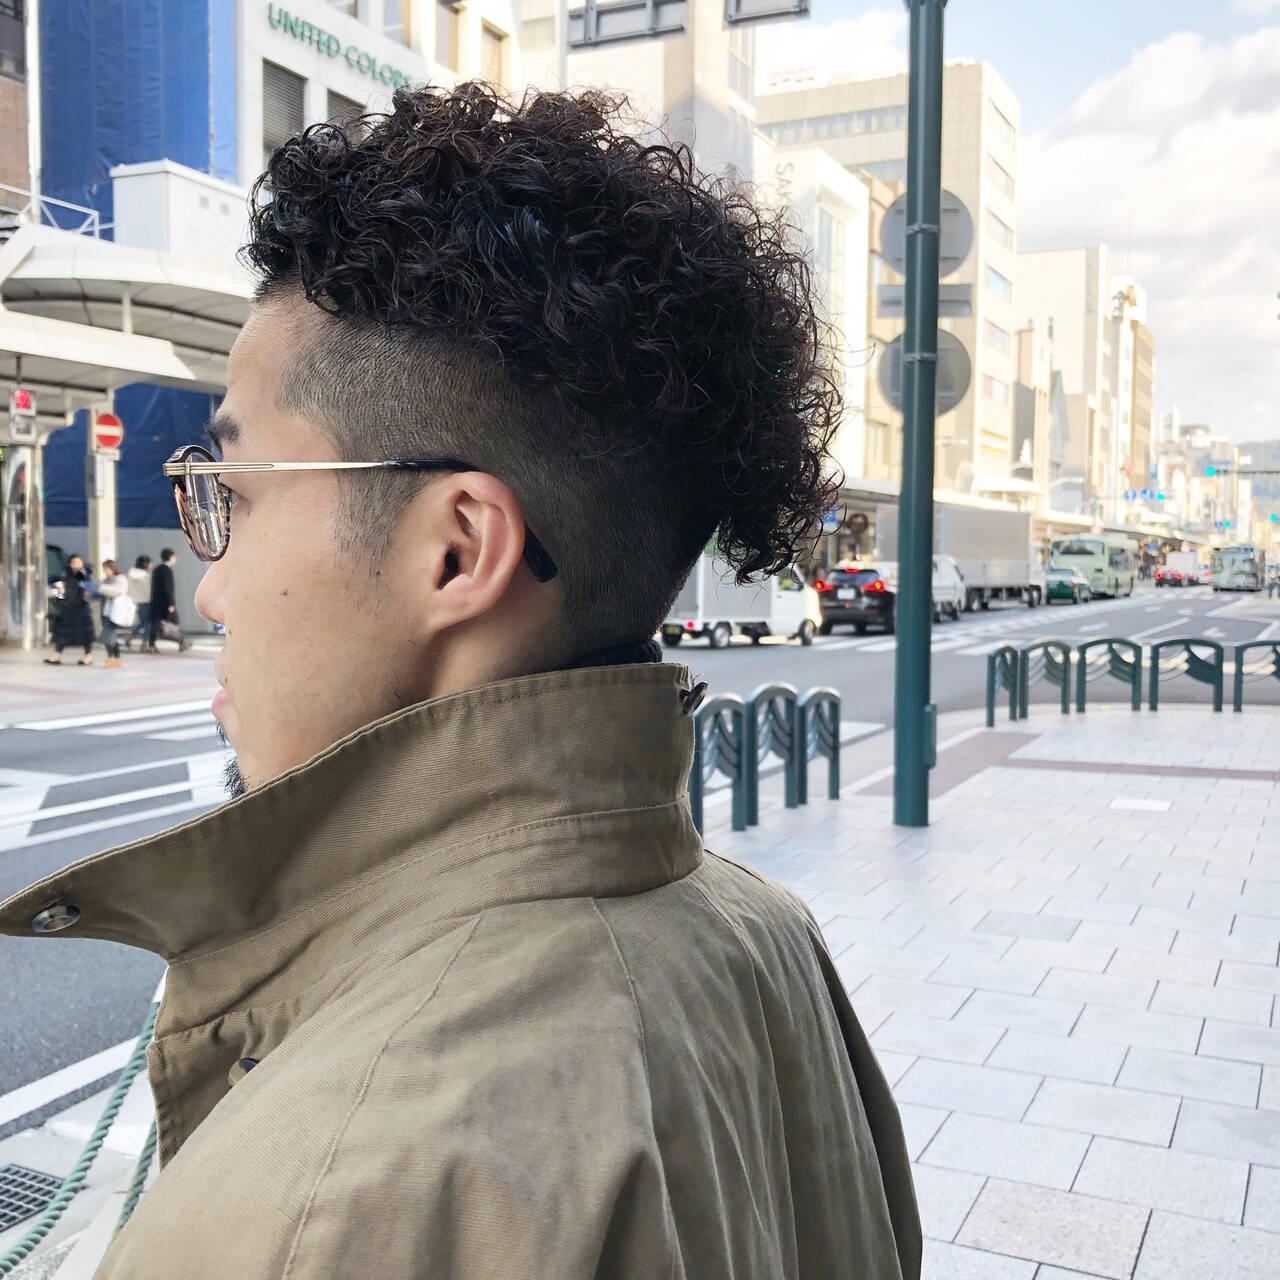 メンズヘア ナチュラル メンズカラー メンズパーマヘアスタイルや髪型の写真・画像